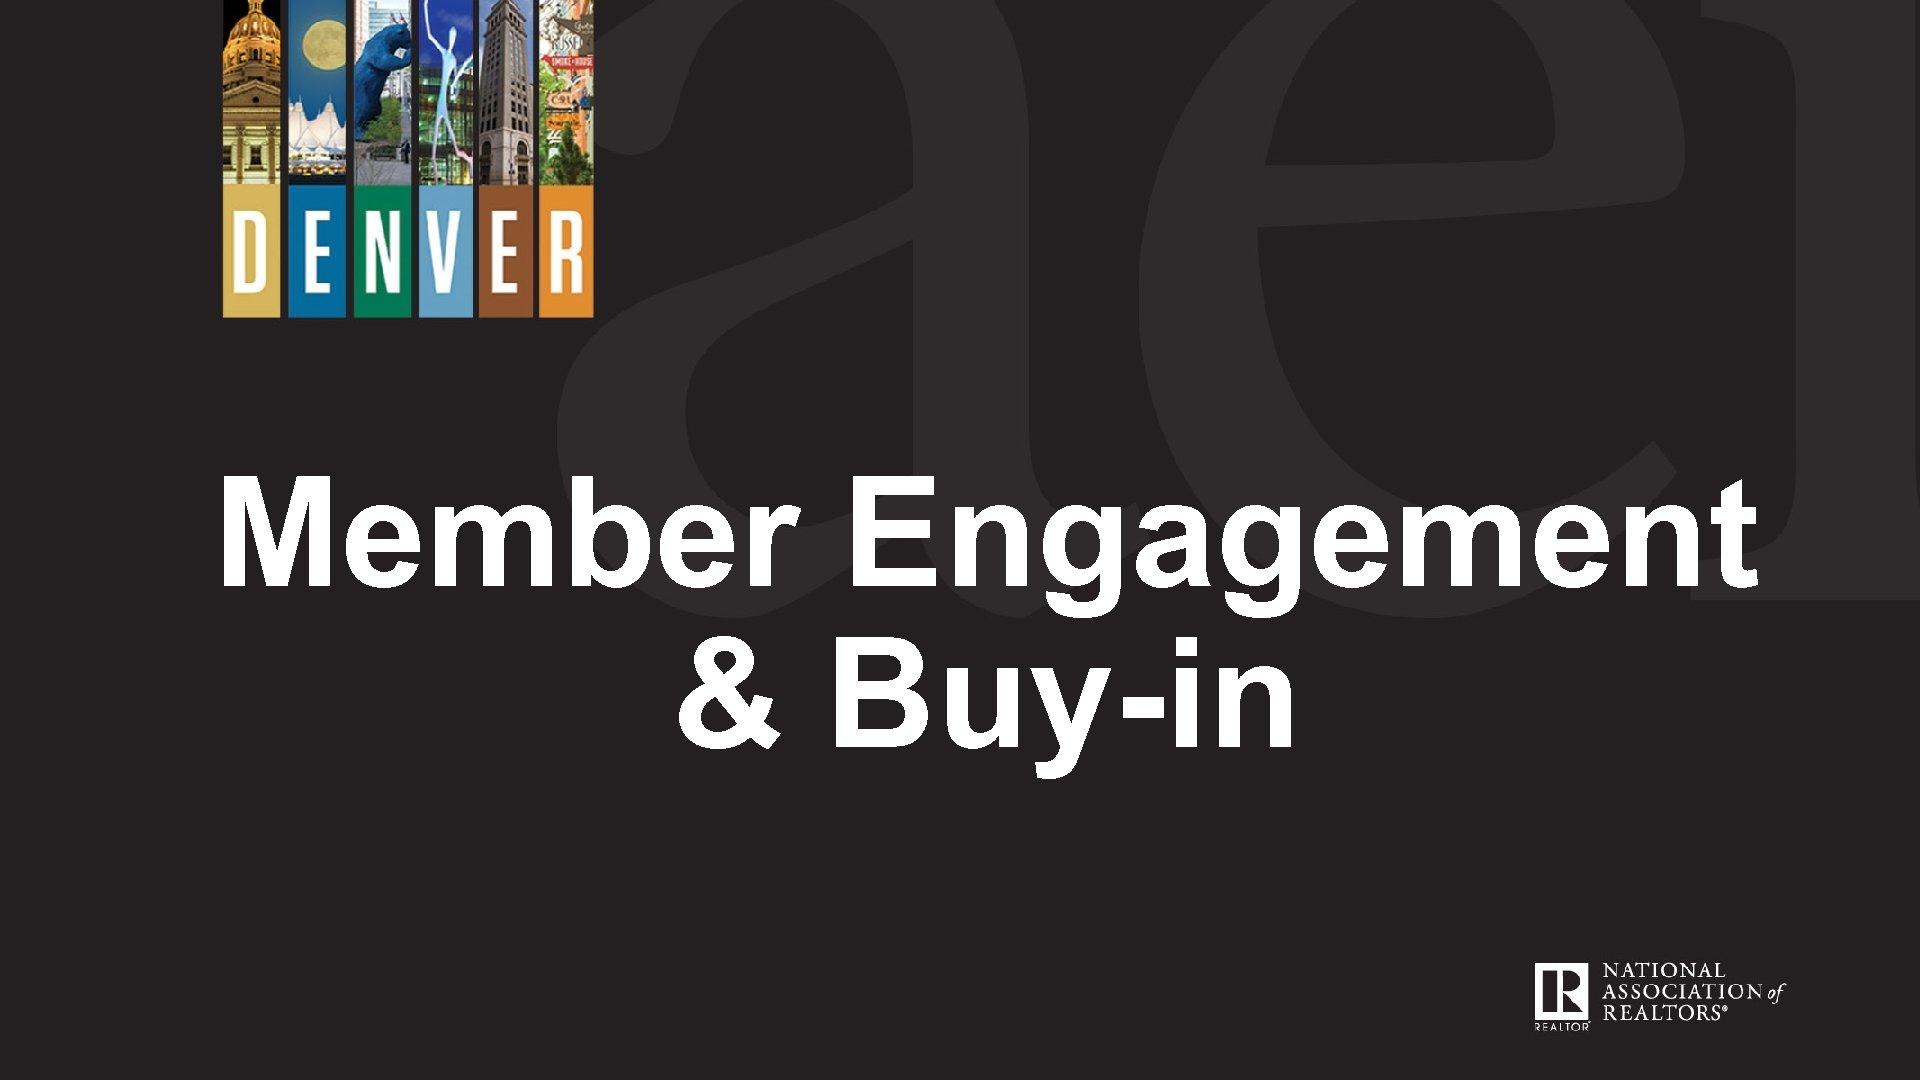 Member Engagement & Buy-in